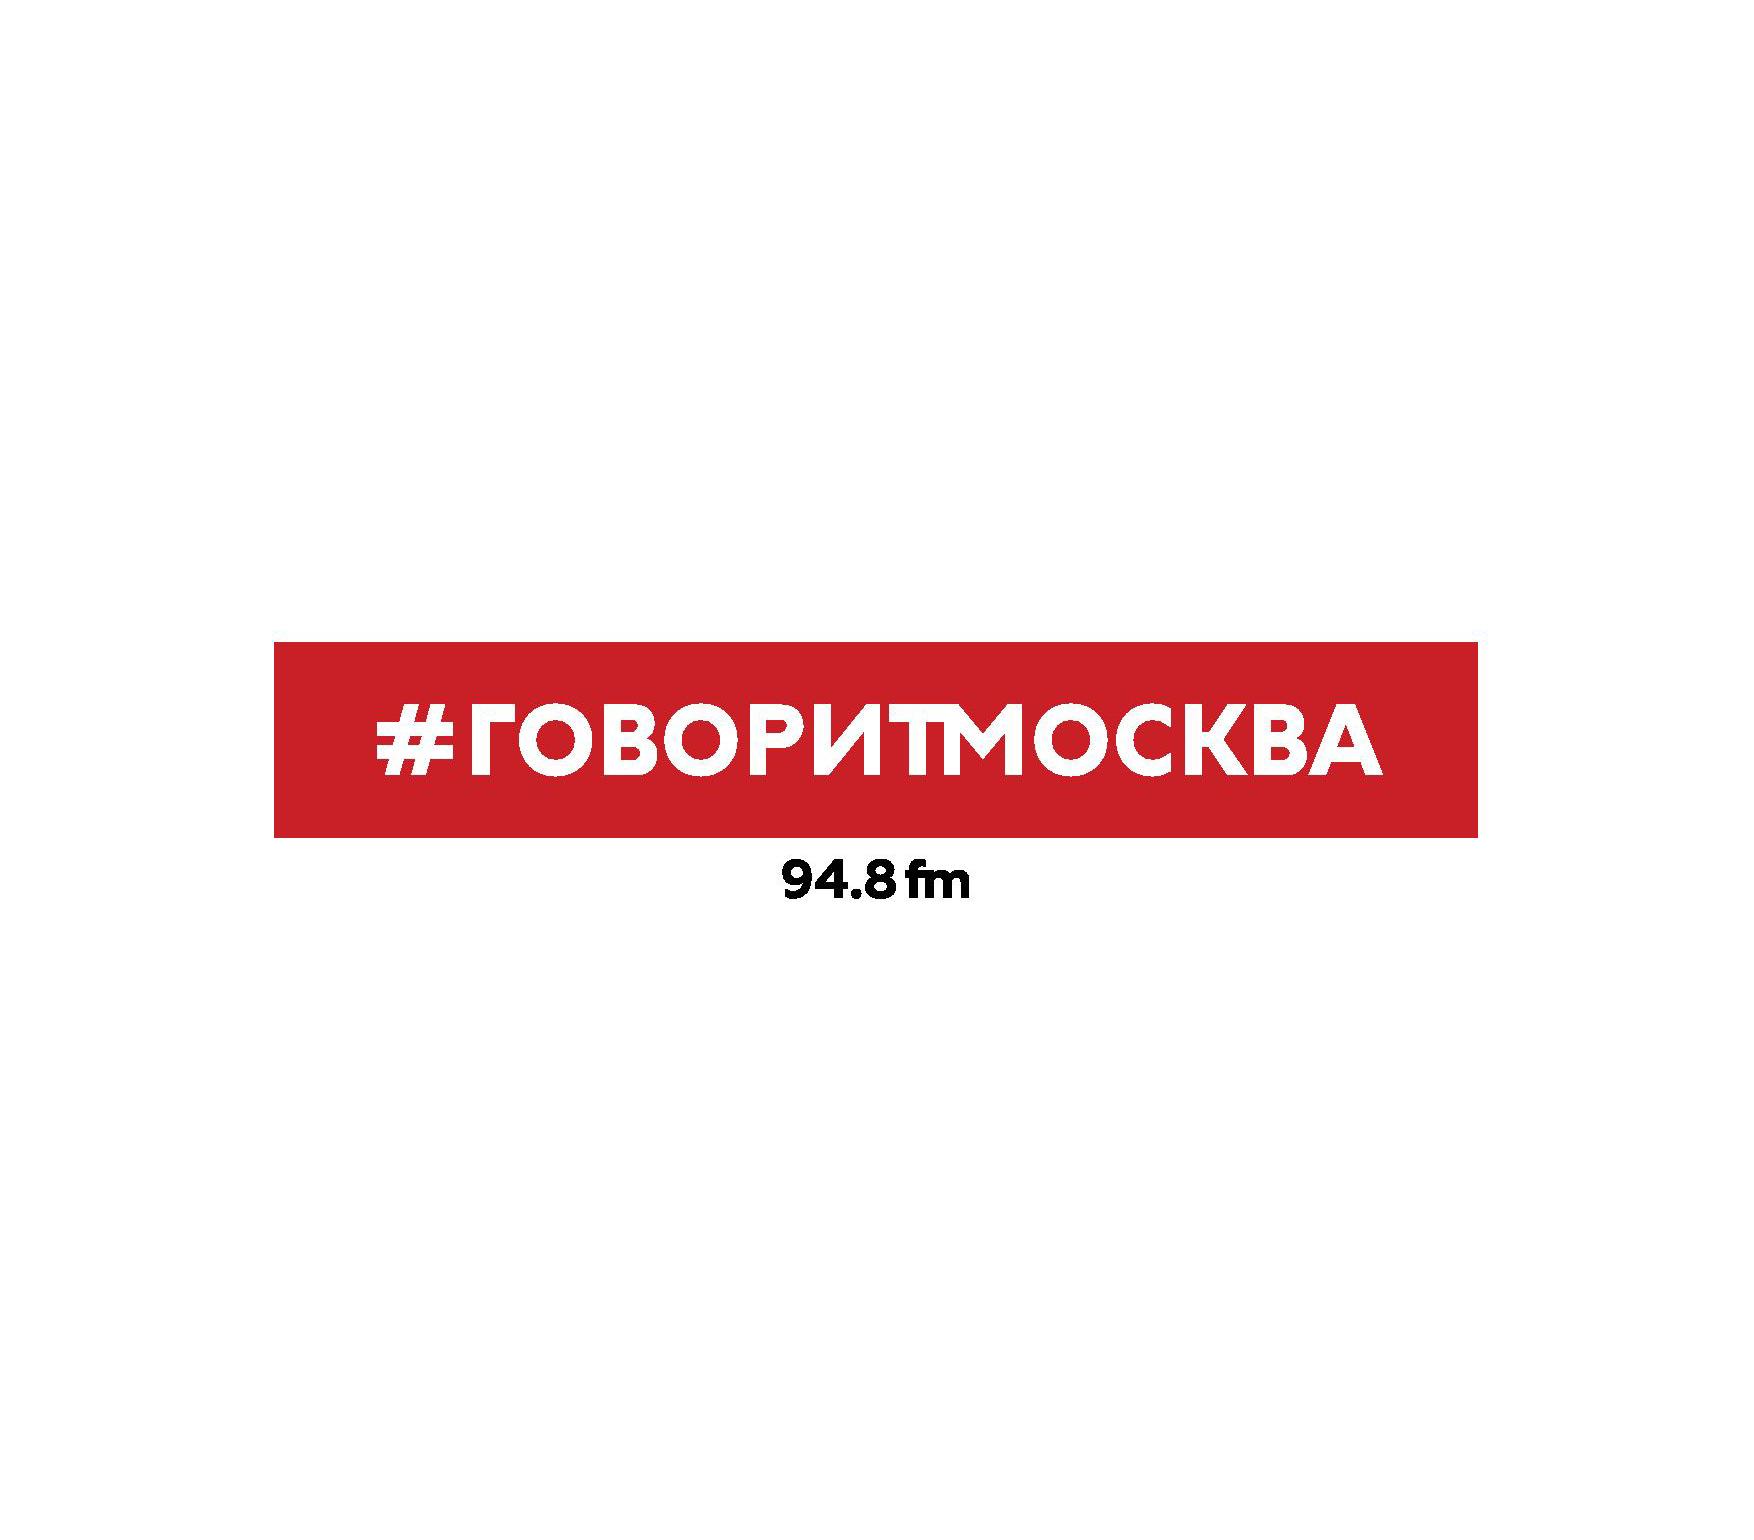 Макс Челноков 2 марта. Дмитрий Вяткин макс челноков 28 марта михаил старшинов